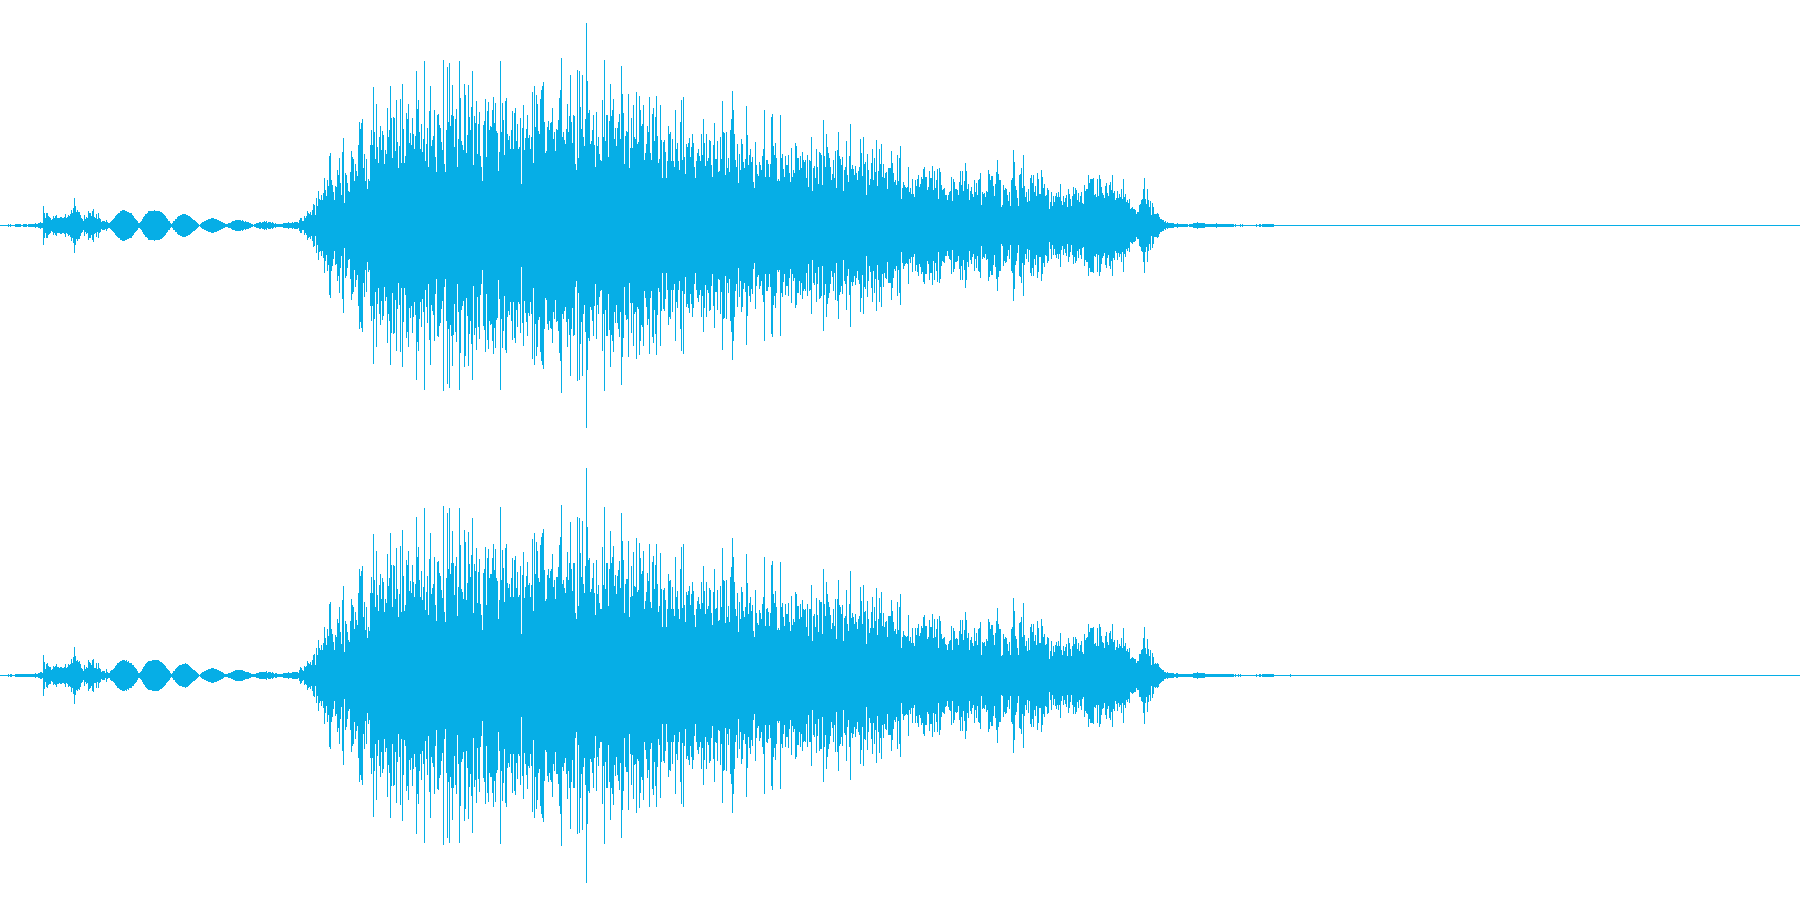 タブ切り替え時の音(紙を擦る音)_01の再生済みの波形